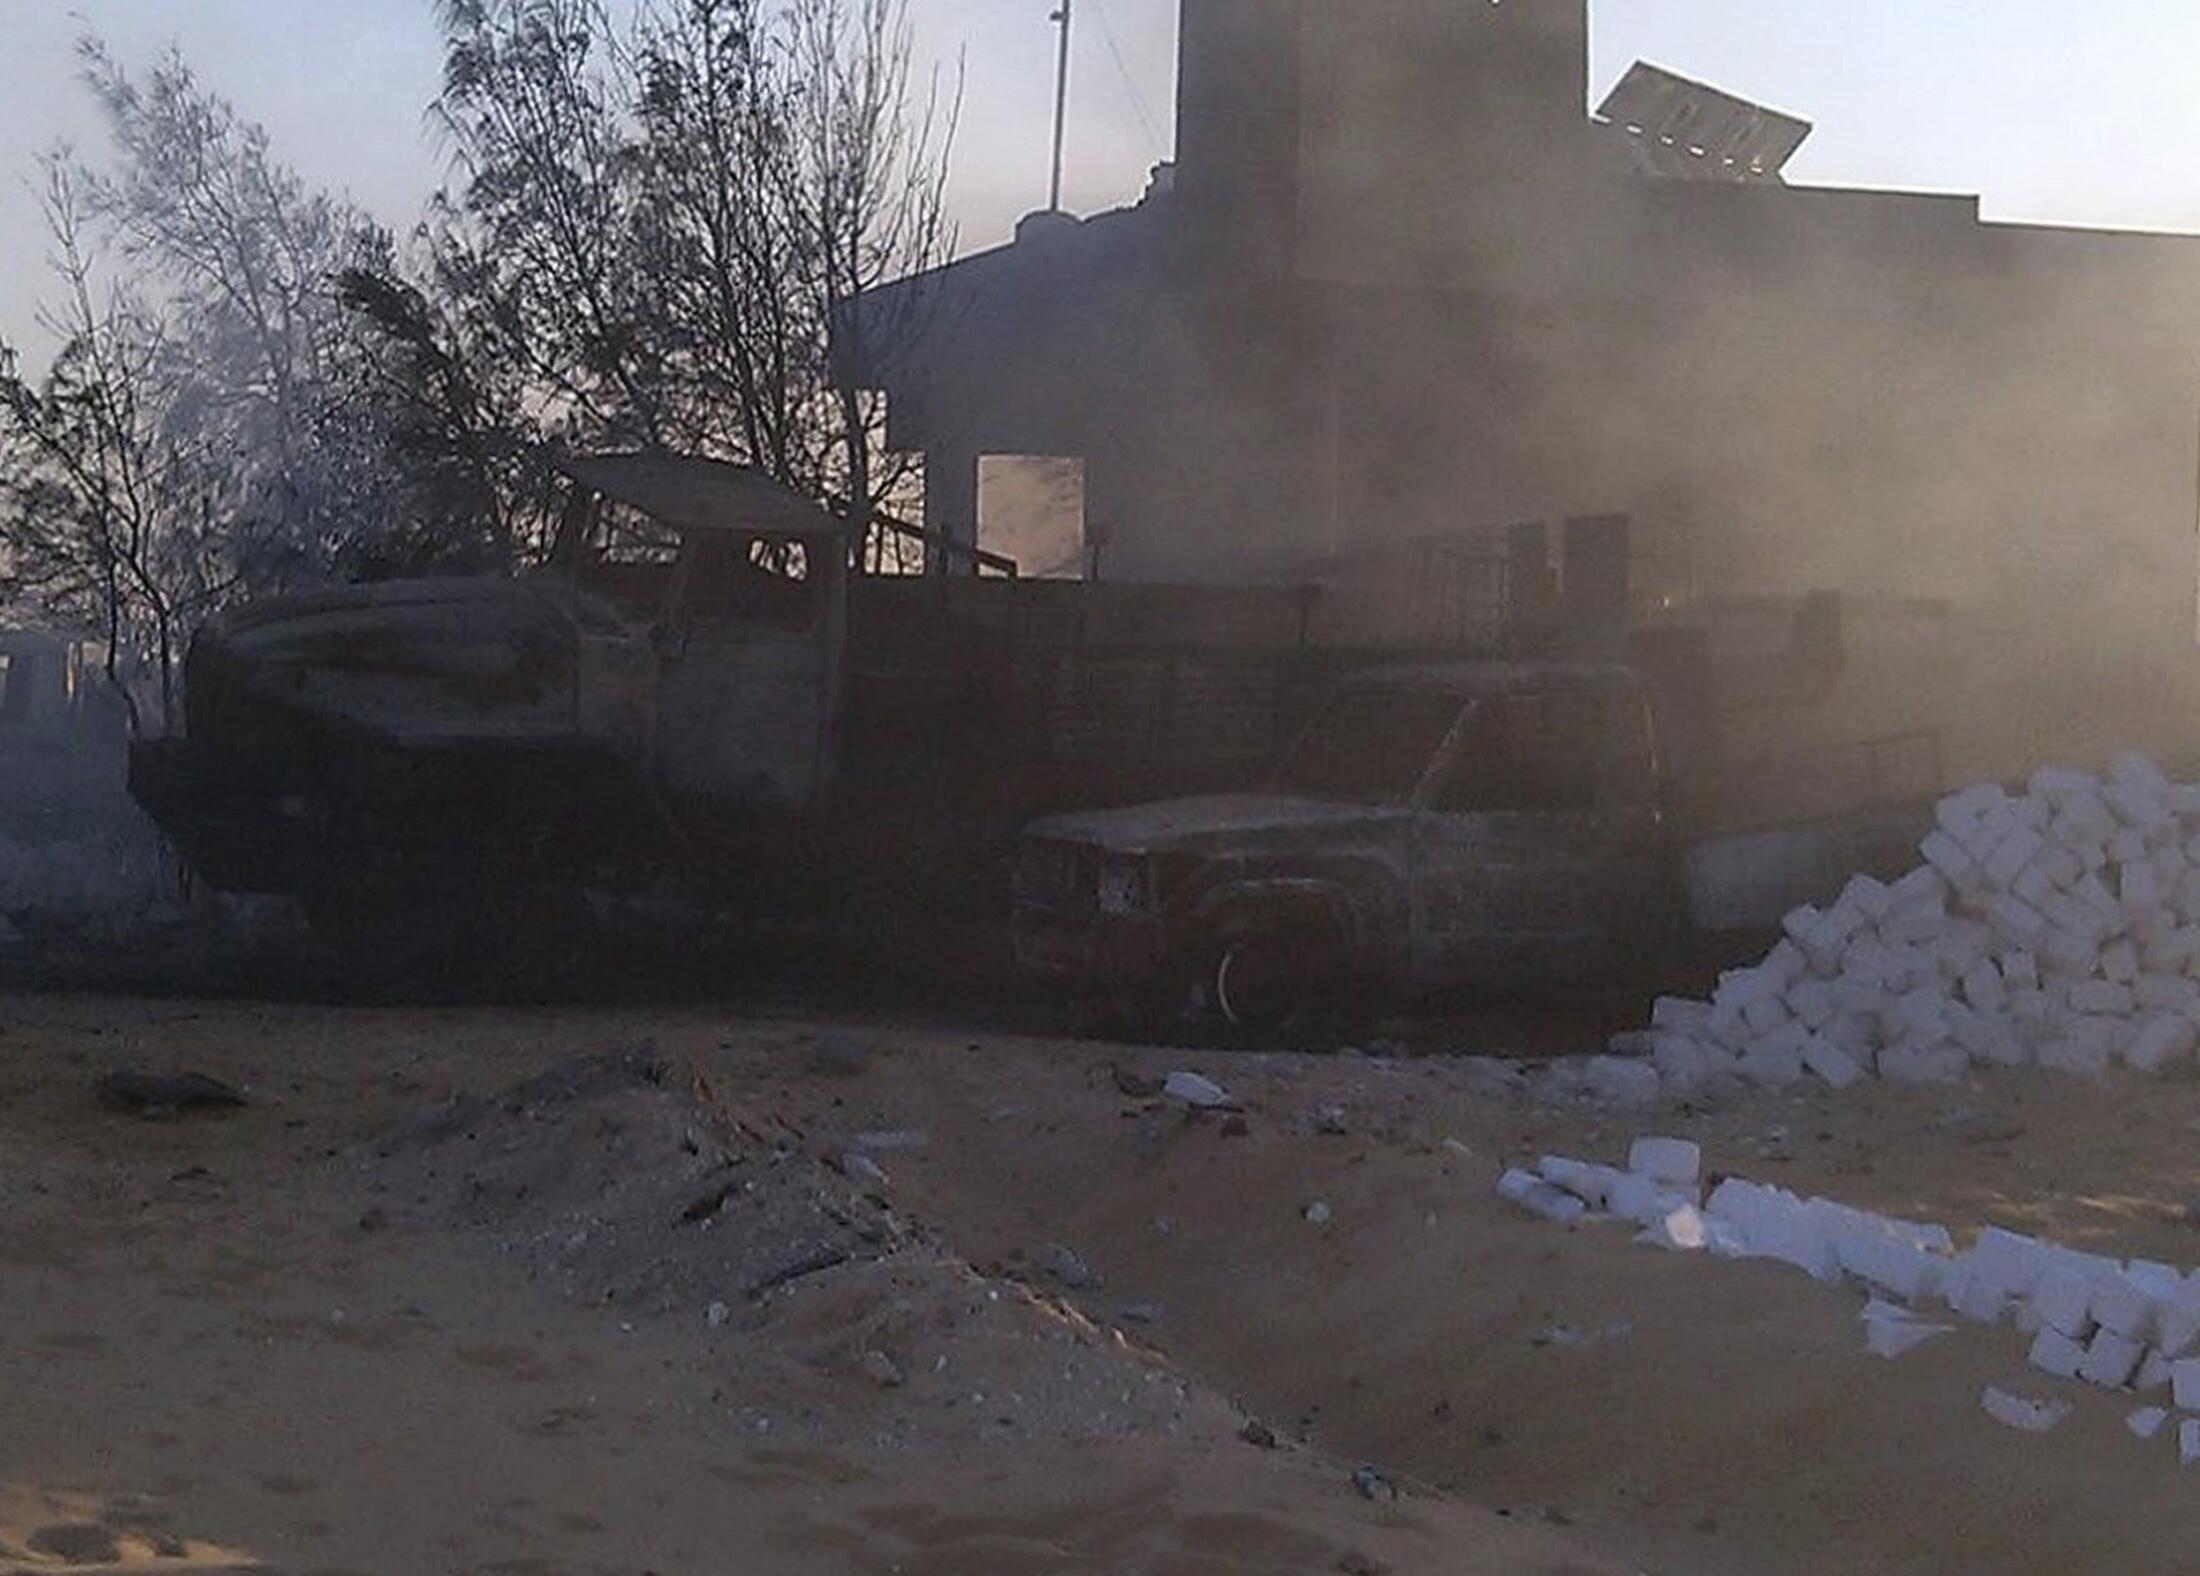 حمله شنبه شب گذشته مردان مسلح به پاسگاه مرزی مصر در نزدیکی مرز لیبی، مرگبارترین حمله علیه نیروهای ارتش مصر از آغاز سال جاری میلادی بحساب میآید.